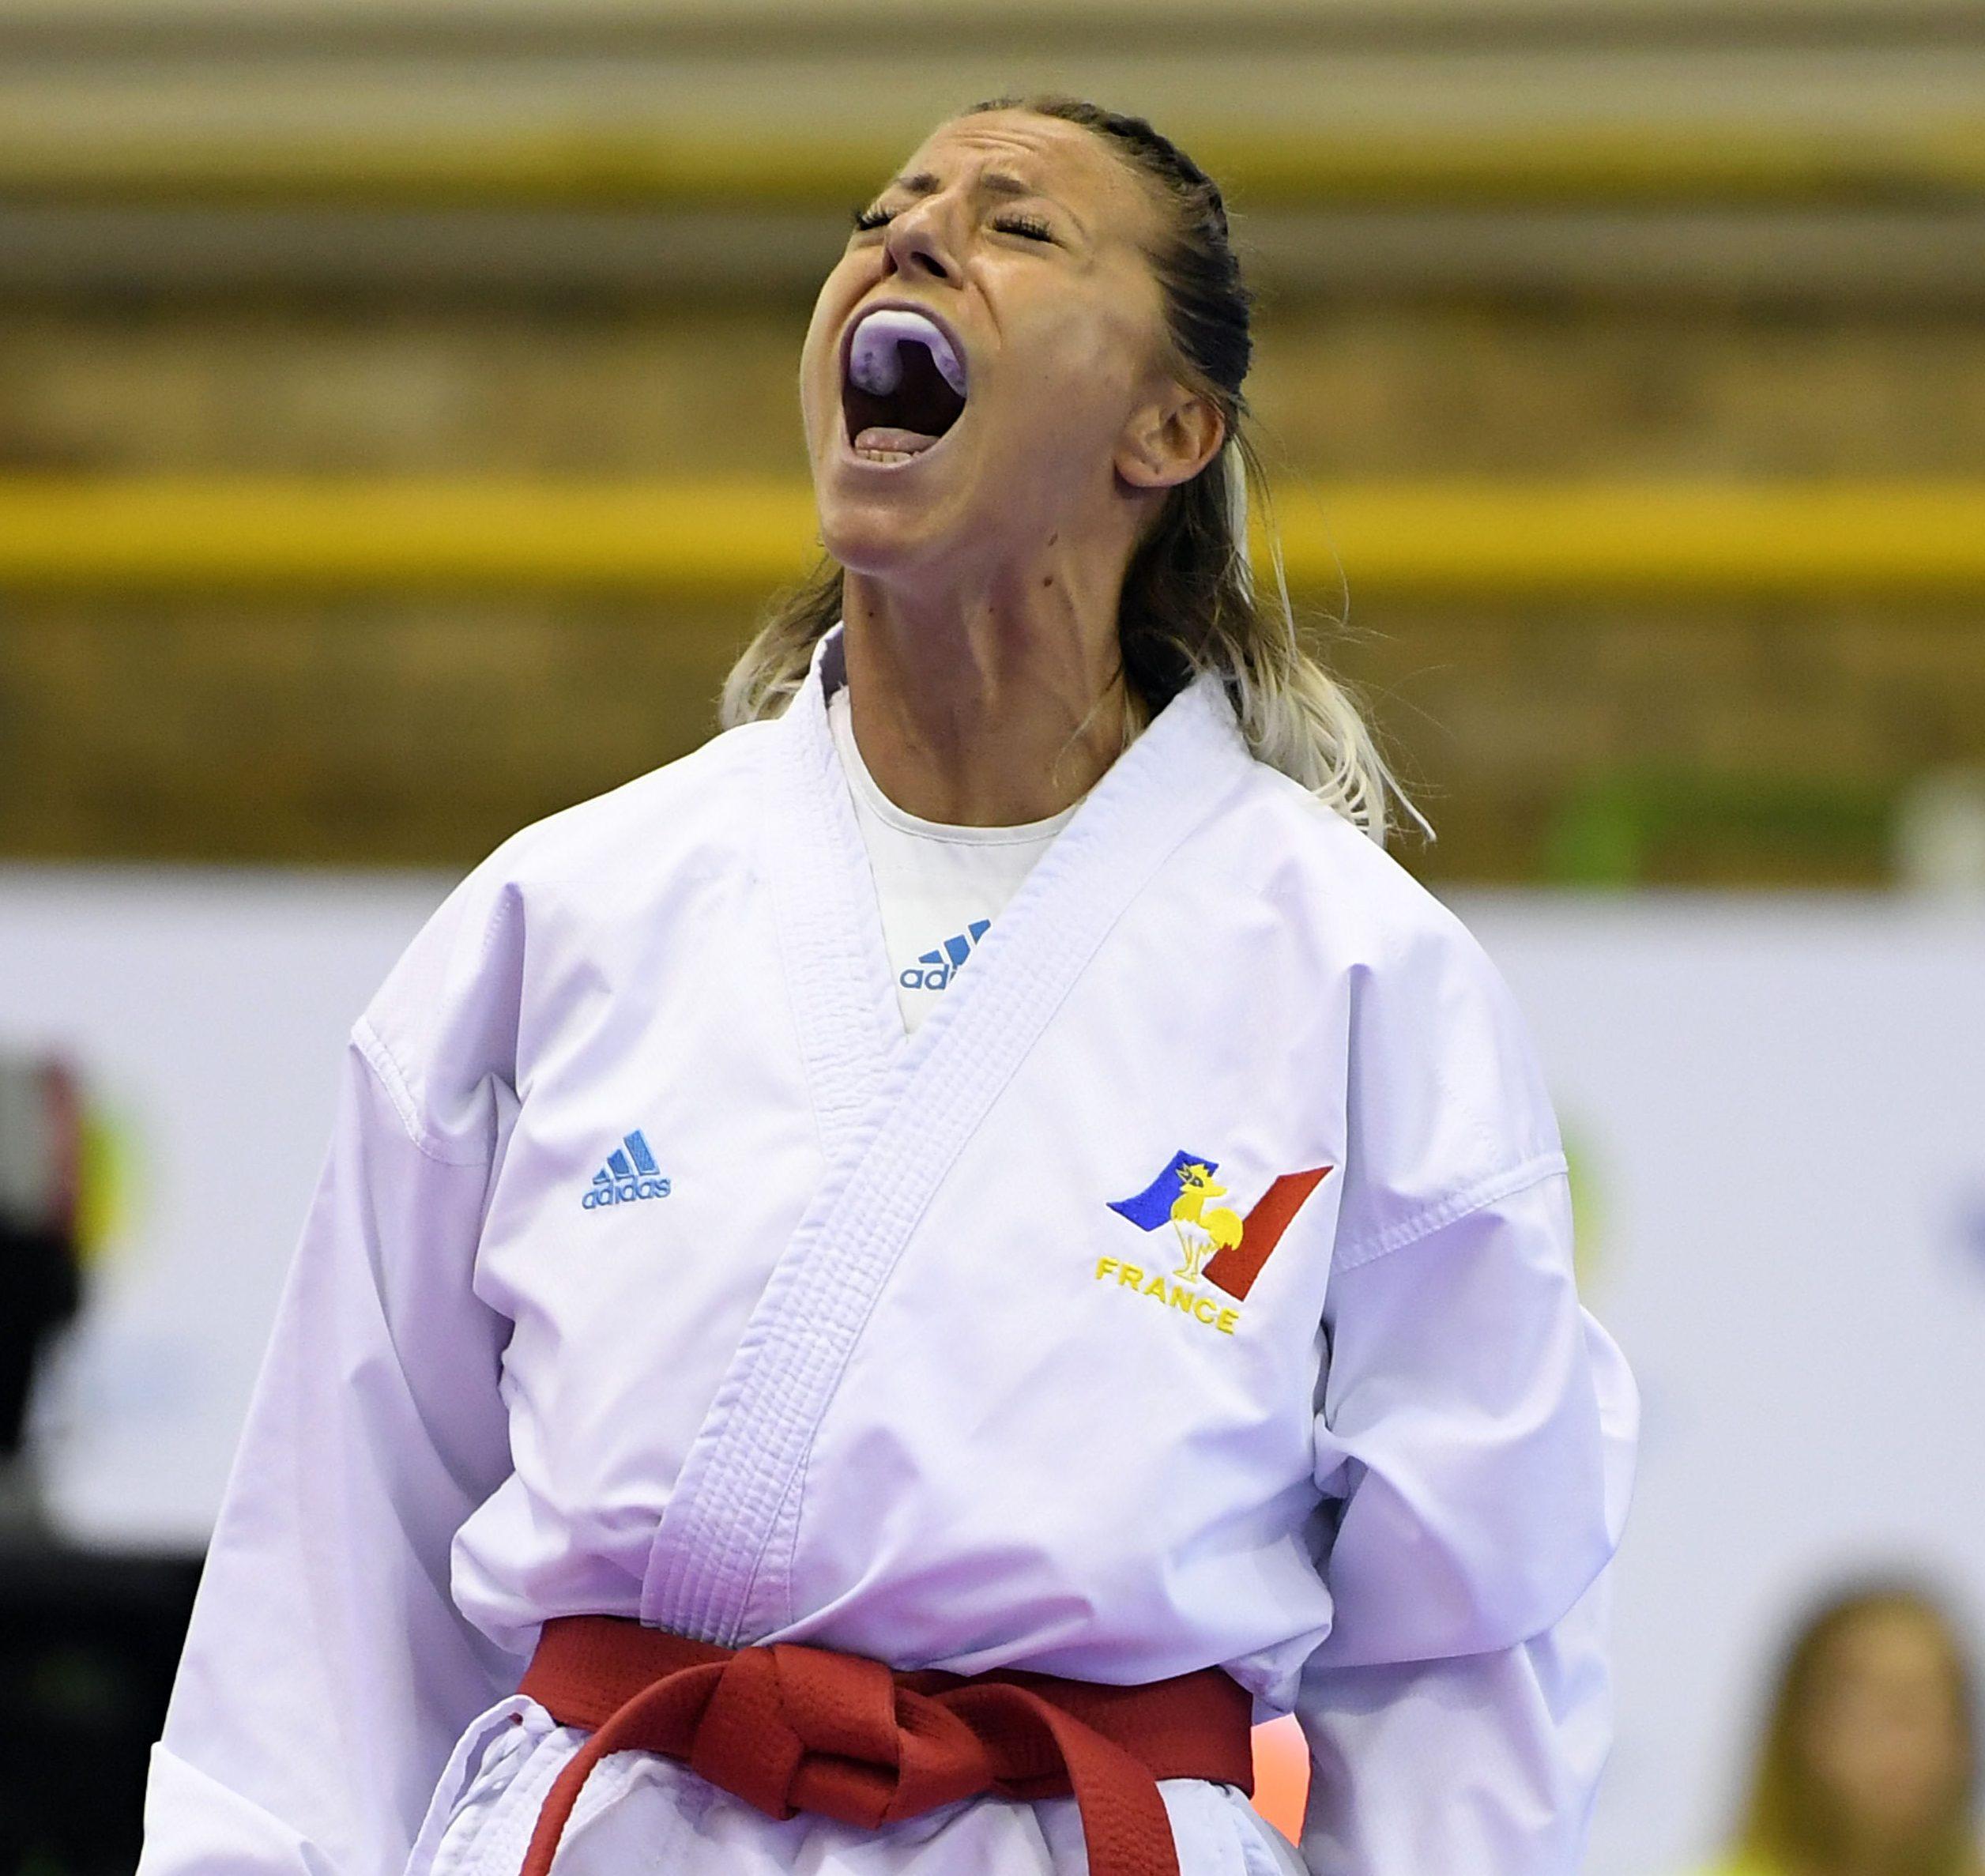 Alexandra Recchia, de nouveau sur la plus haute marche du podium - Photo Julien Crosnier / KMSP / DPPI